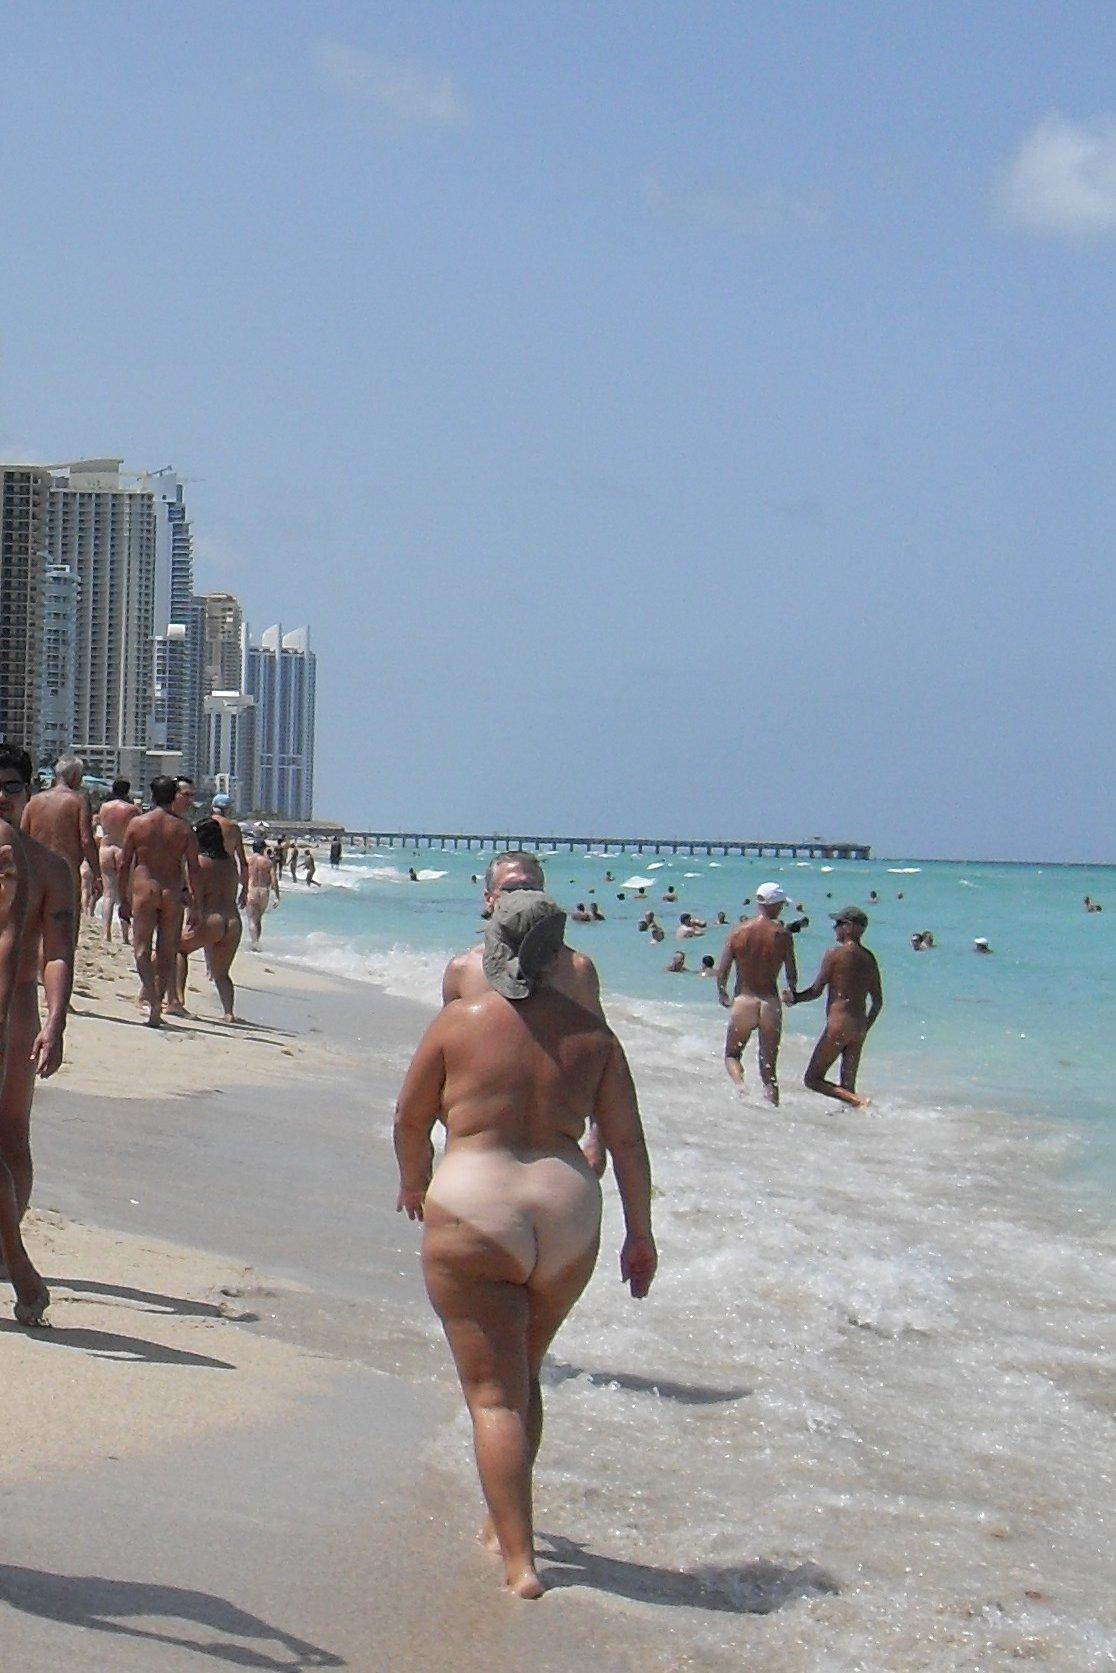 Camera at nude beach